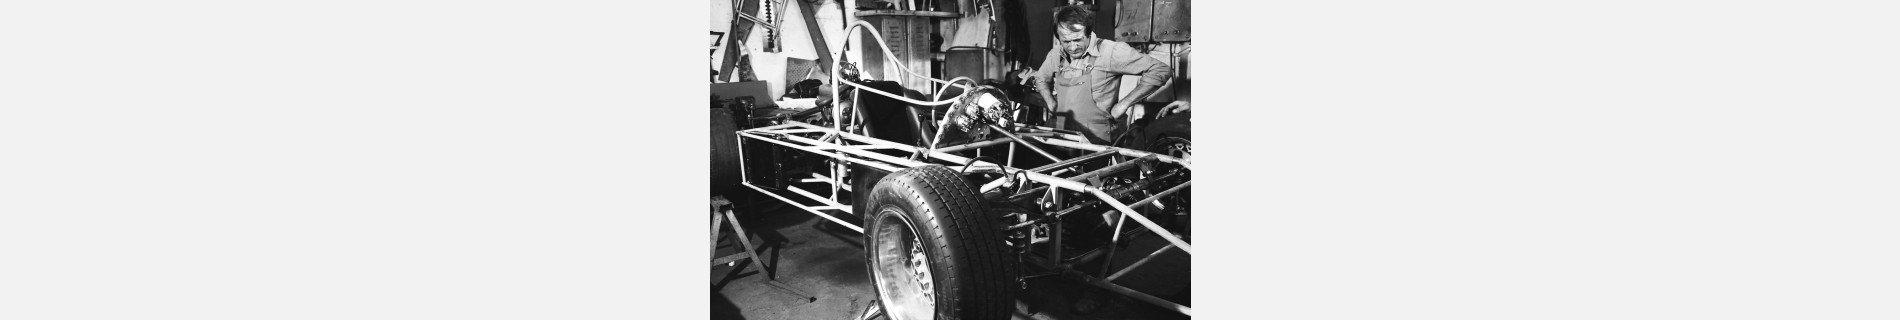 Restaurarea unei legende - primul monopost de Formula Easter fabricat in Romania